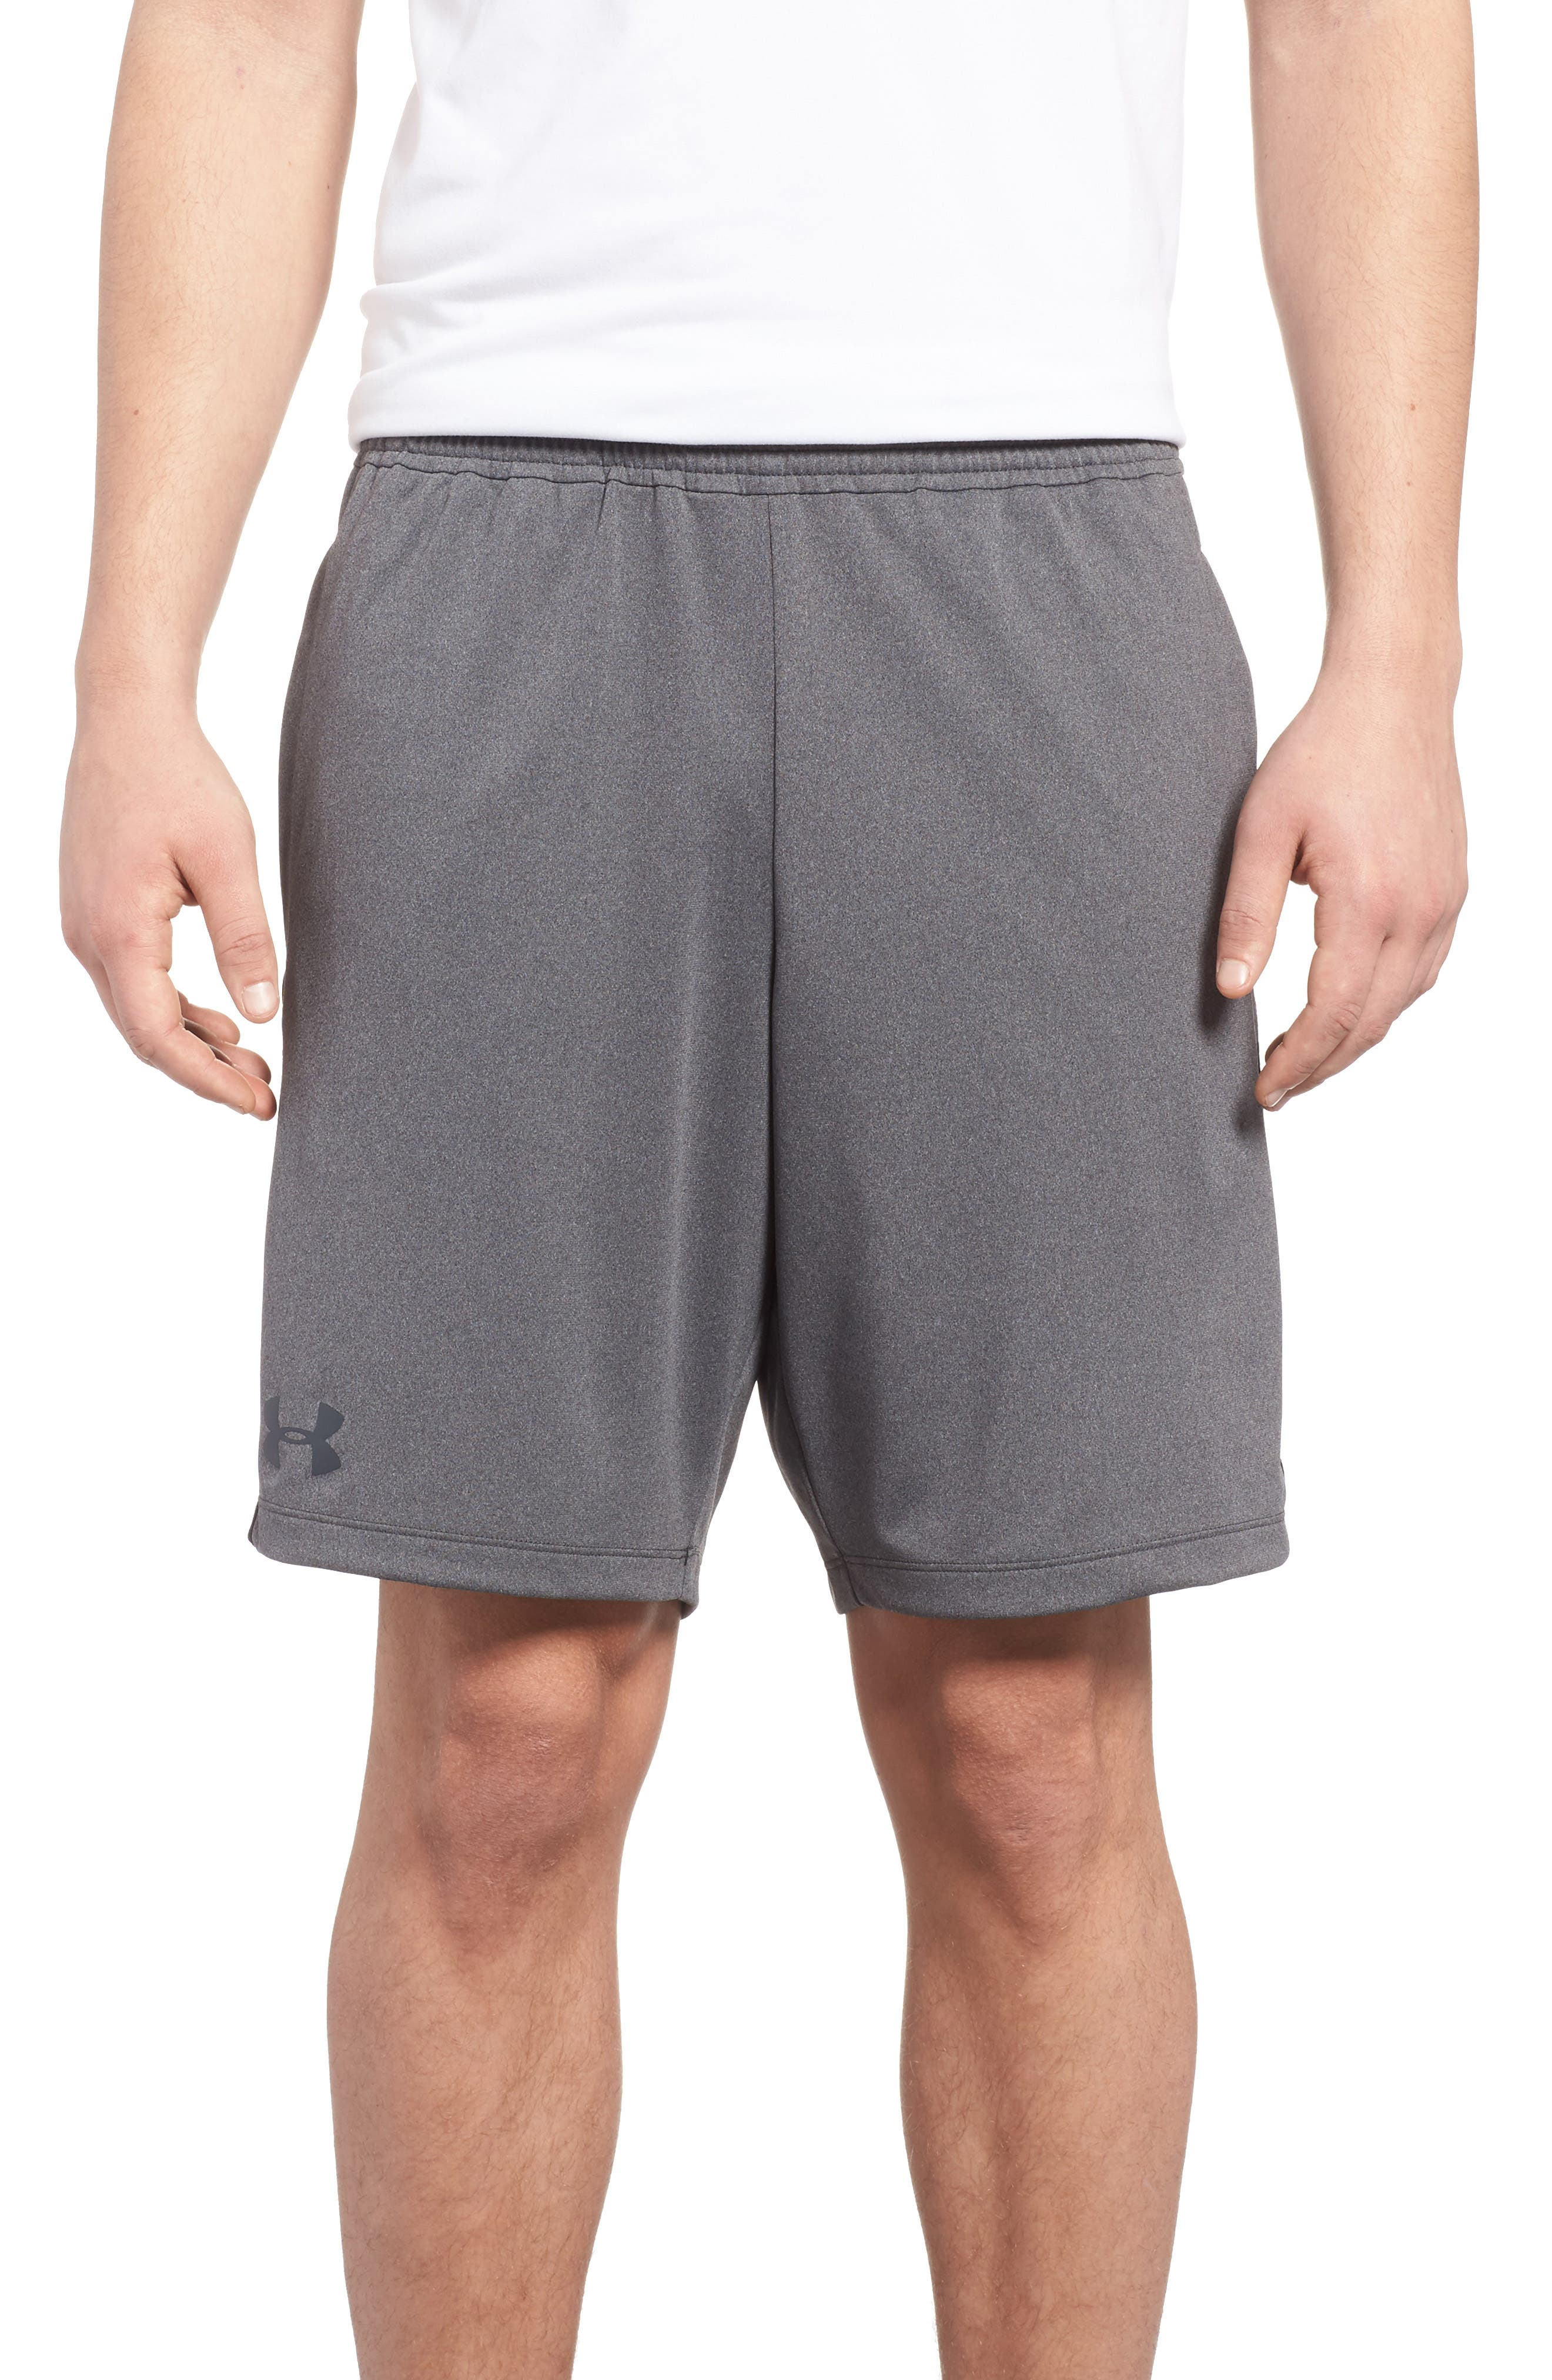 UNDER ARMOUR, Raid 2.0 Classic Fit Shorts, Main thumbnail 1, color, GRAPHITE / BLACK